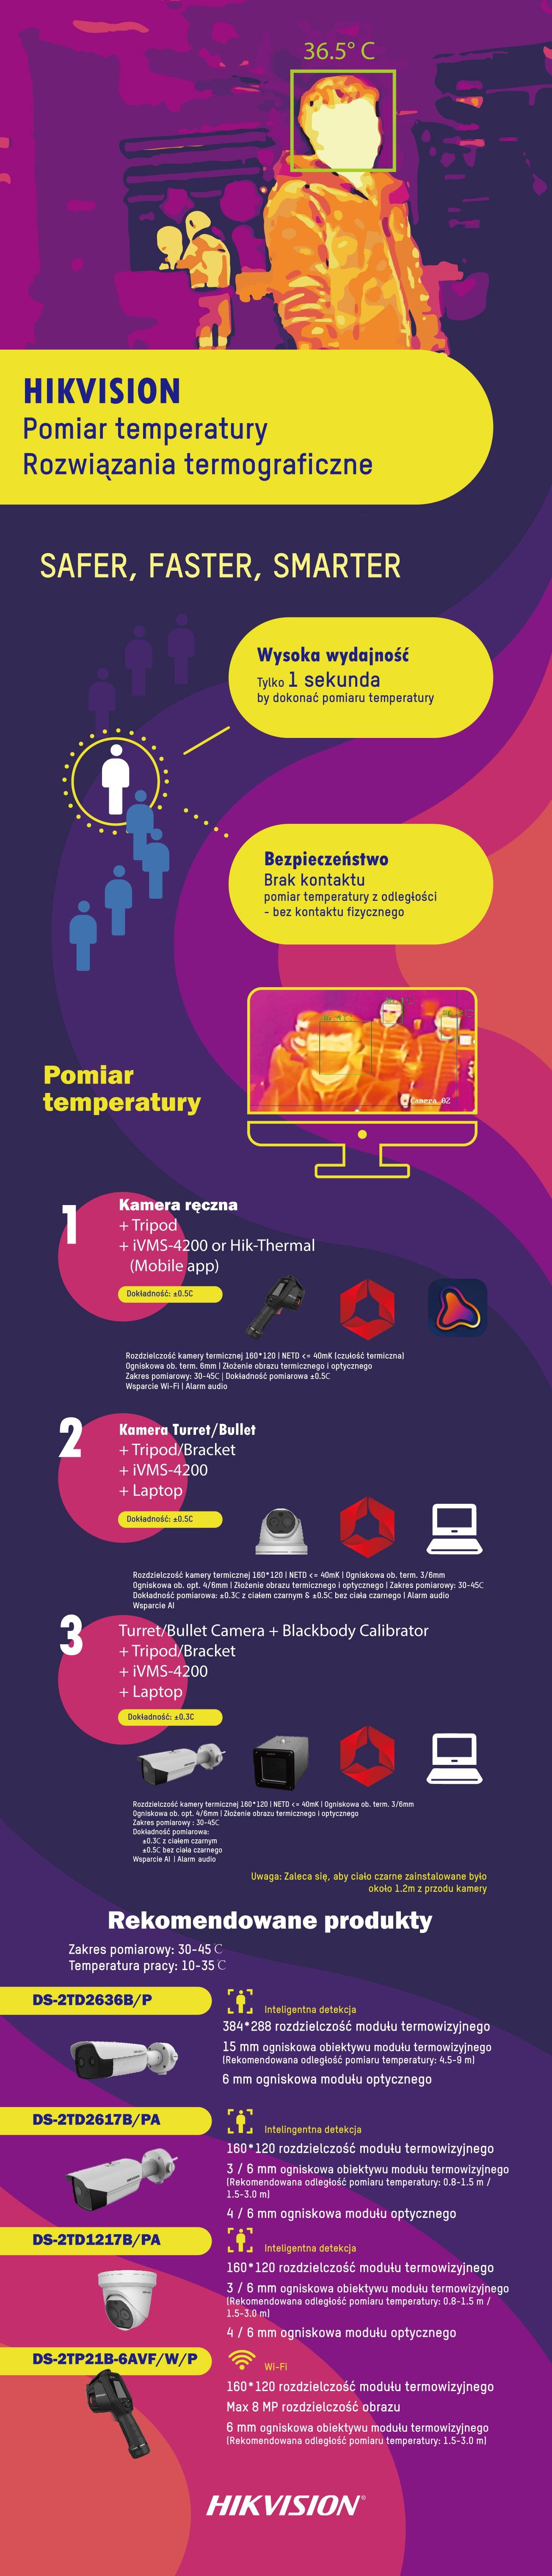 Rozwiązania termograficzne Hikvision